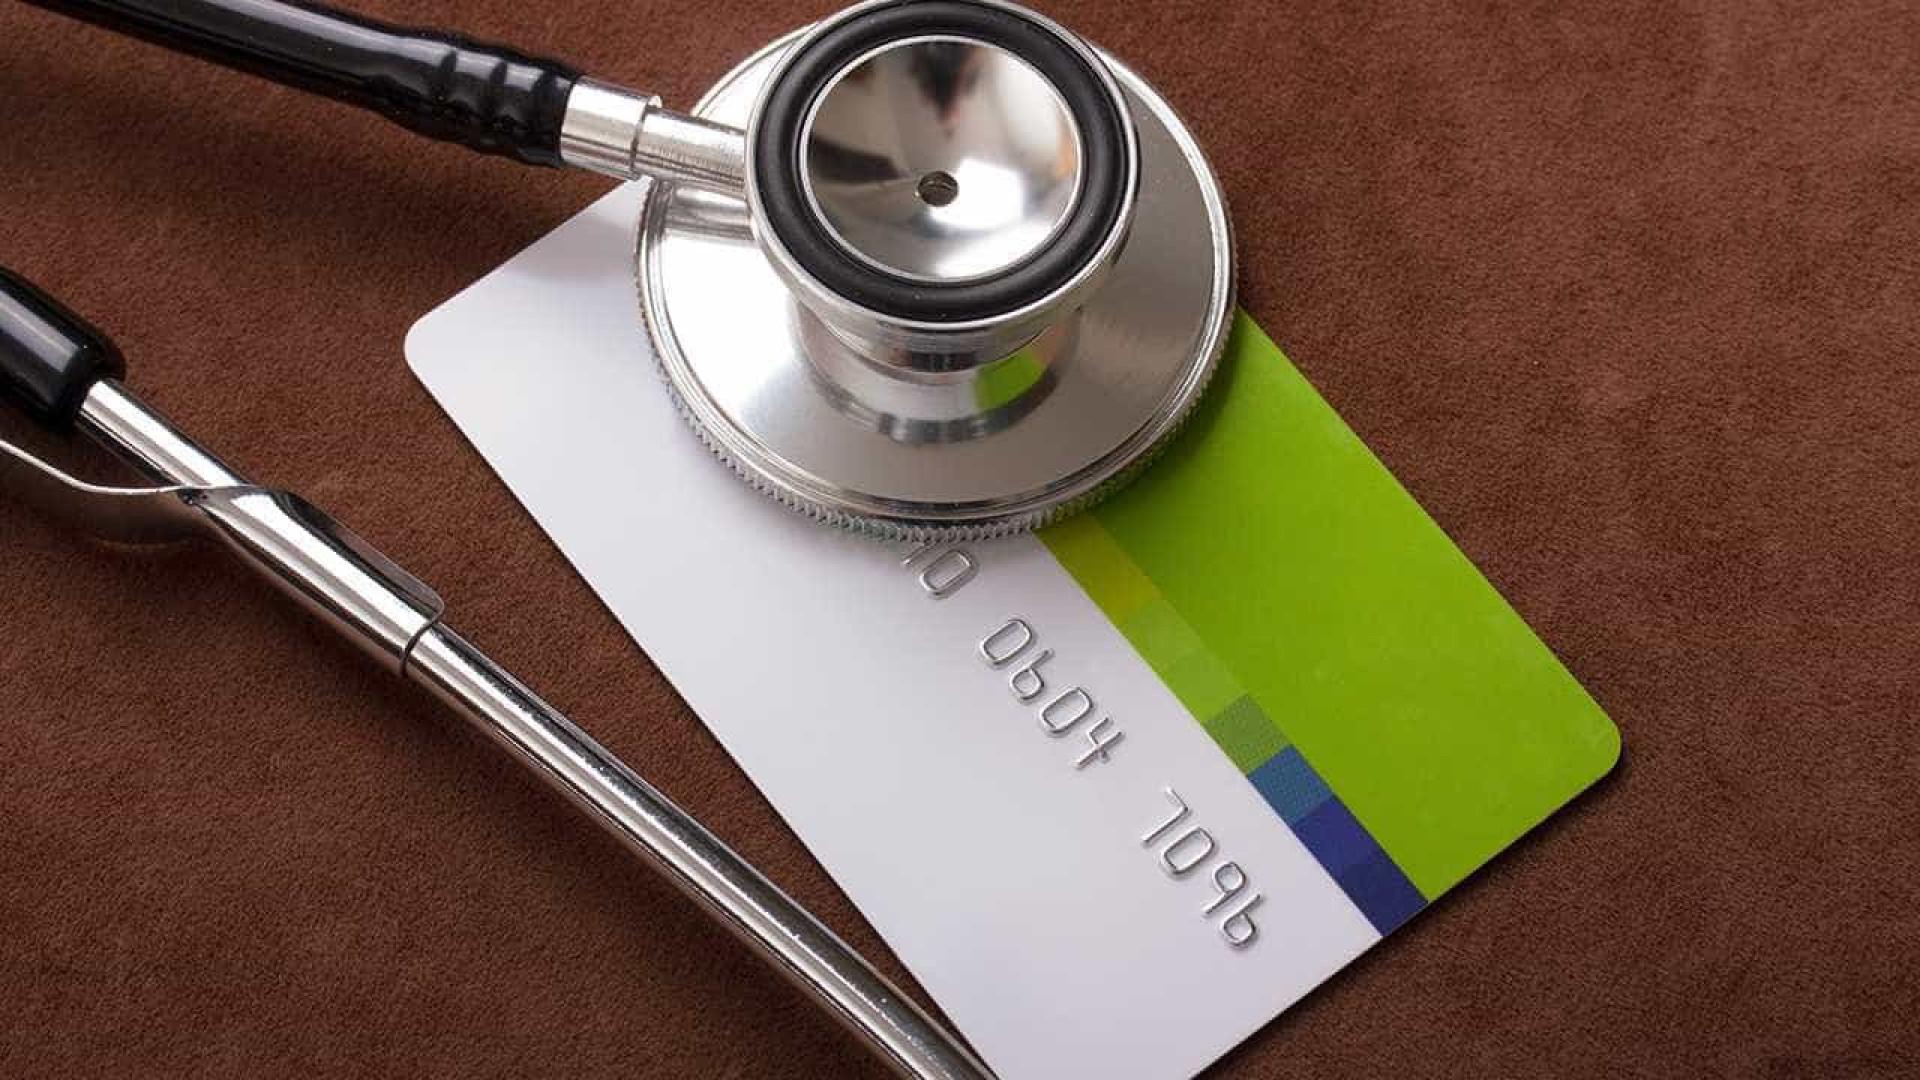 Pesquisa mostra que 70% dos brasileiros não possuem plano de saúde